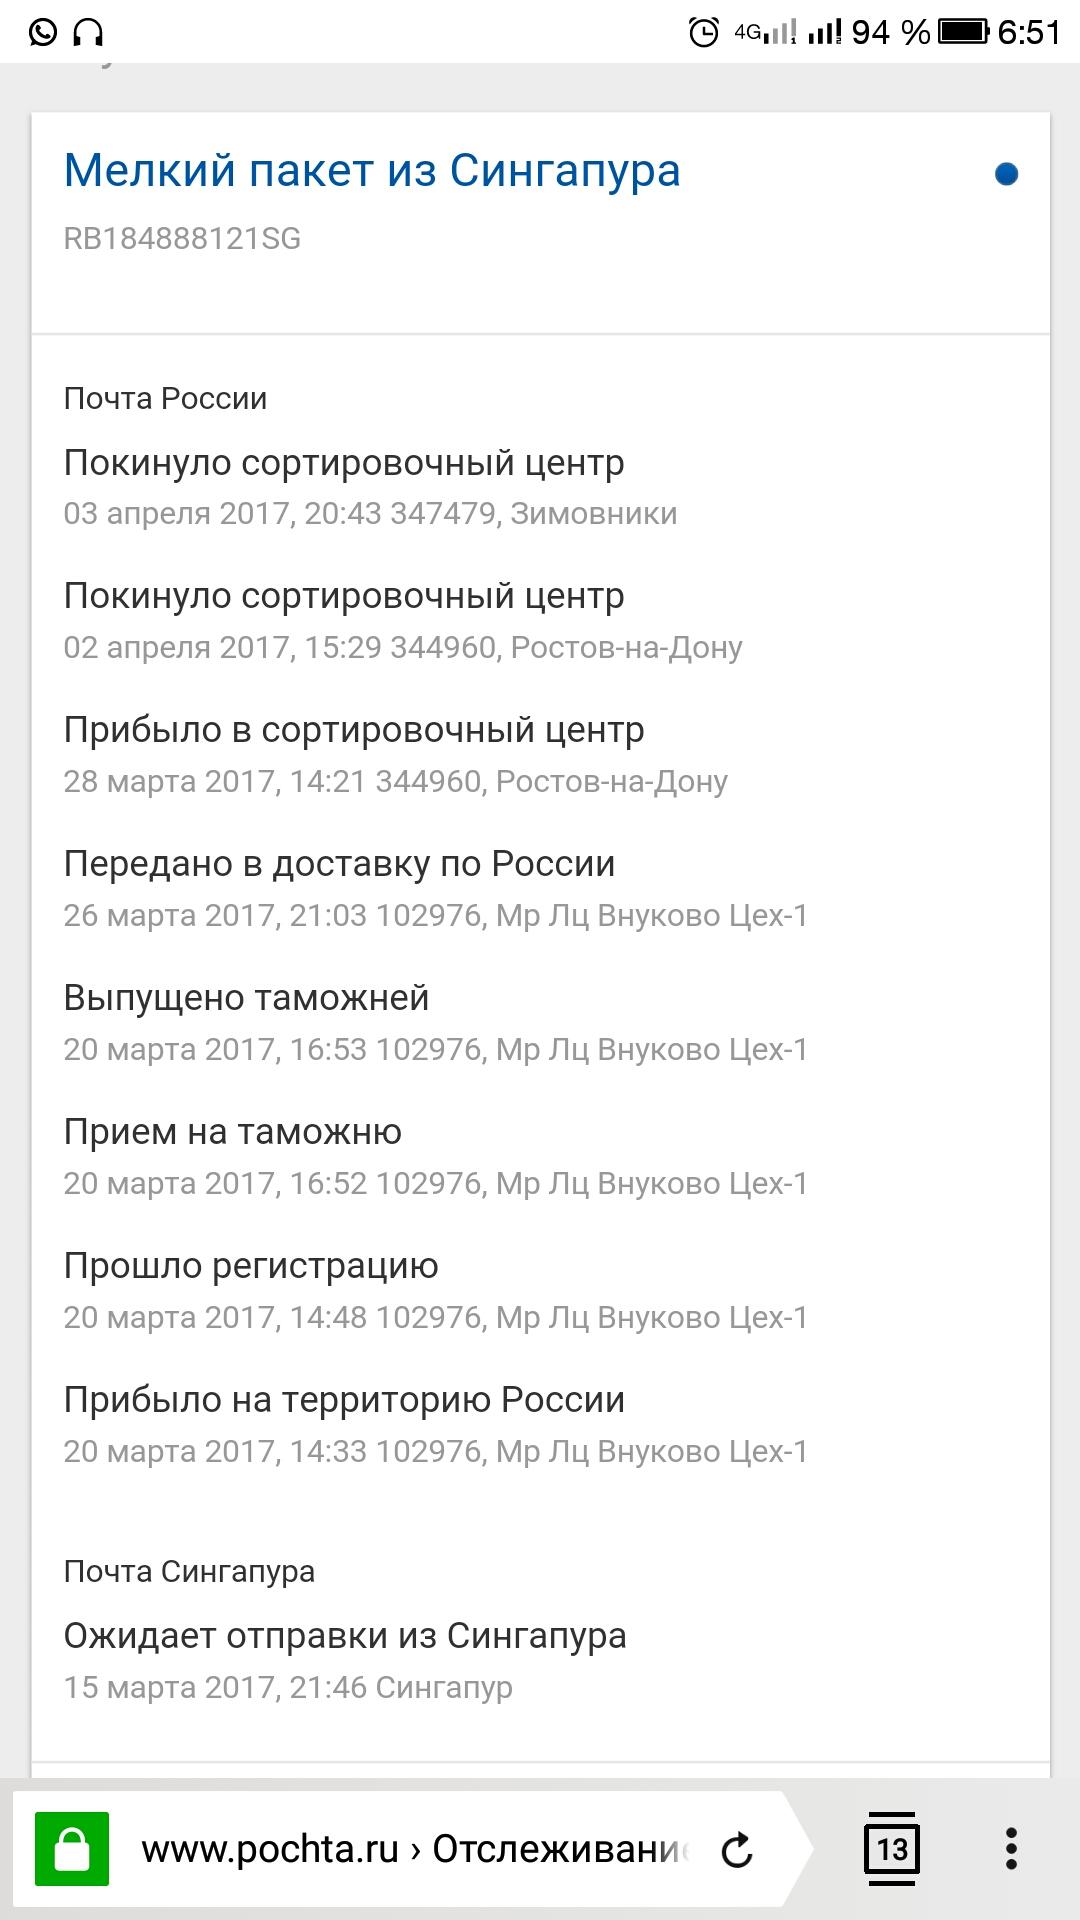 Москва афины оргазм до востребования нашел этих